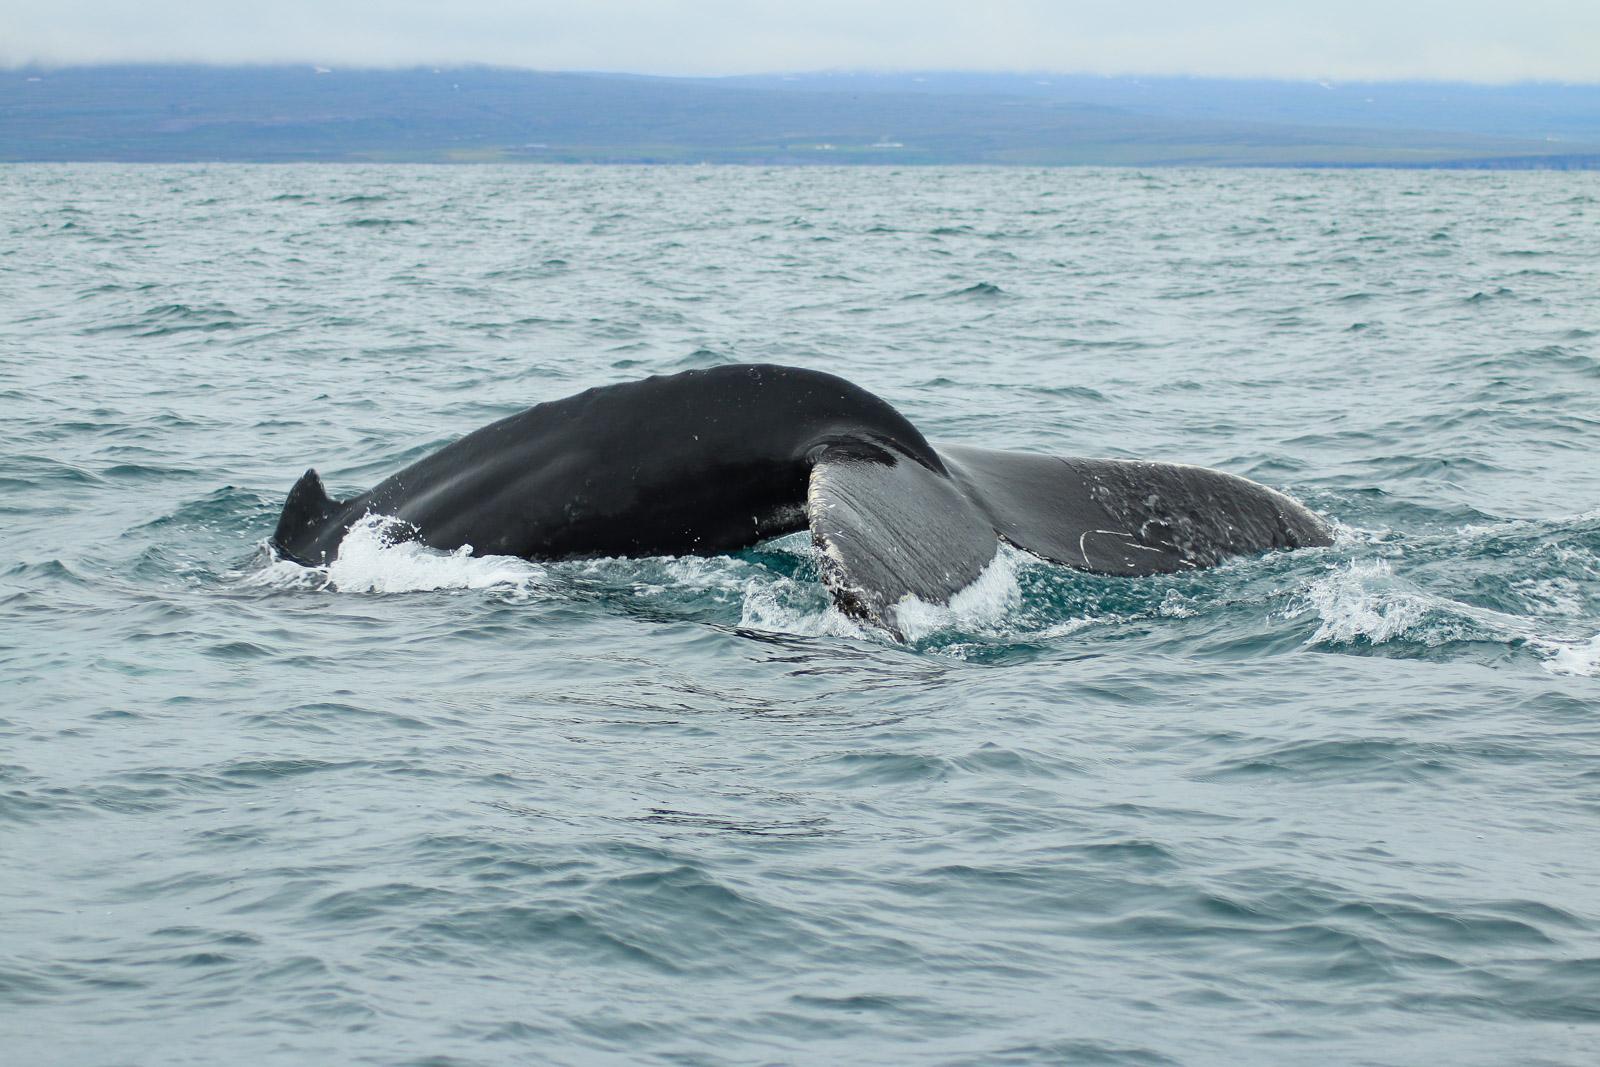 Der Buckelwal kurz vor dem Abtauchen. Die Tiere bleiben meist 5 Minuten unter Wasser. Pottwale sogar bis zu einer Stunde.